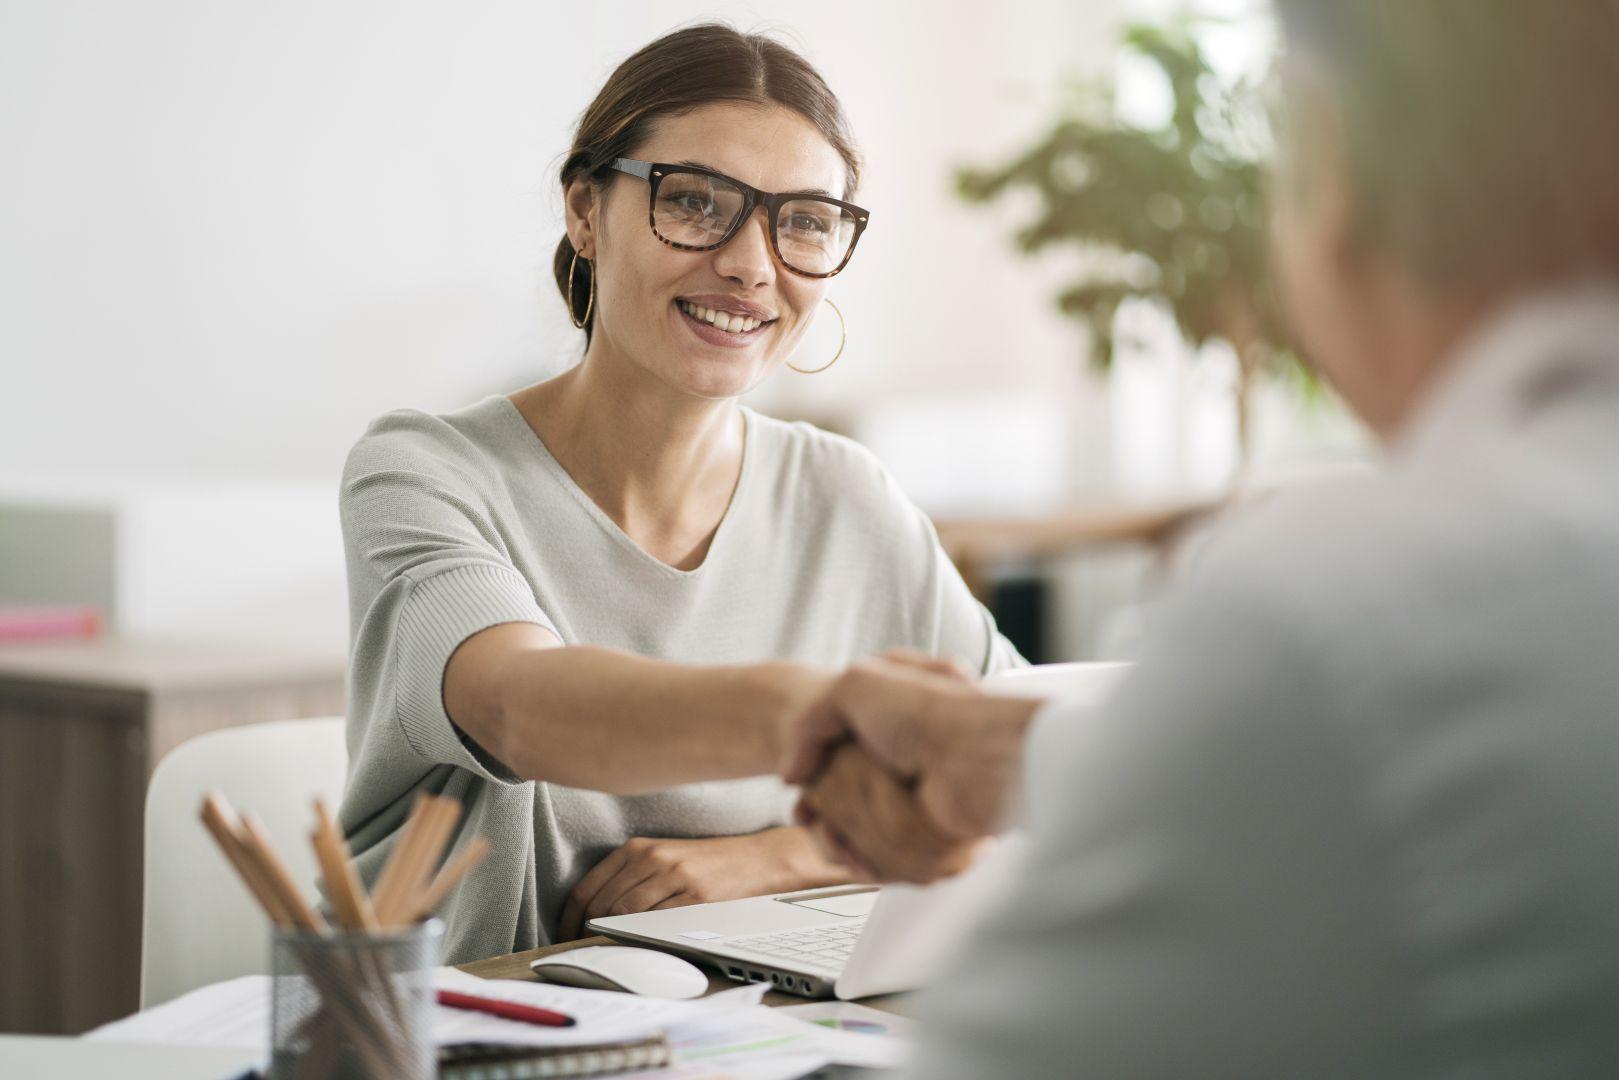 Le métier d'agent immobilier